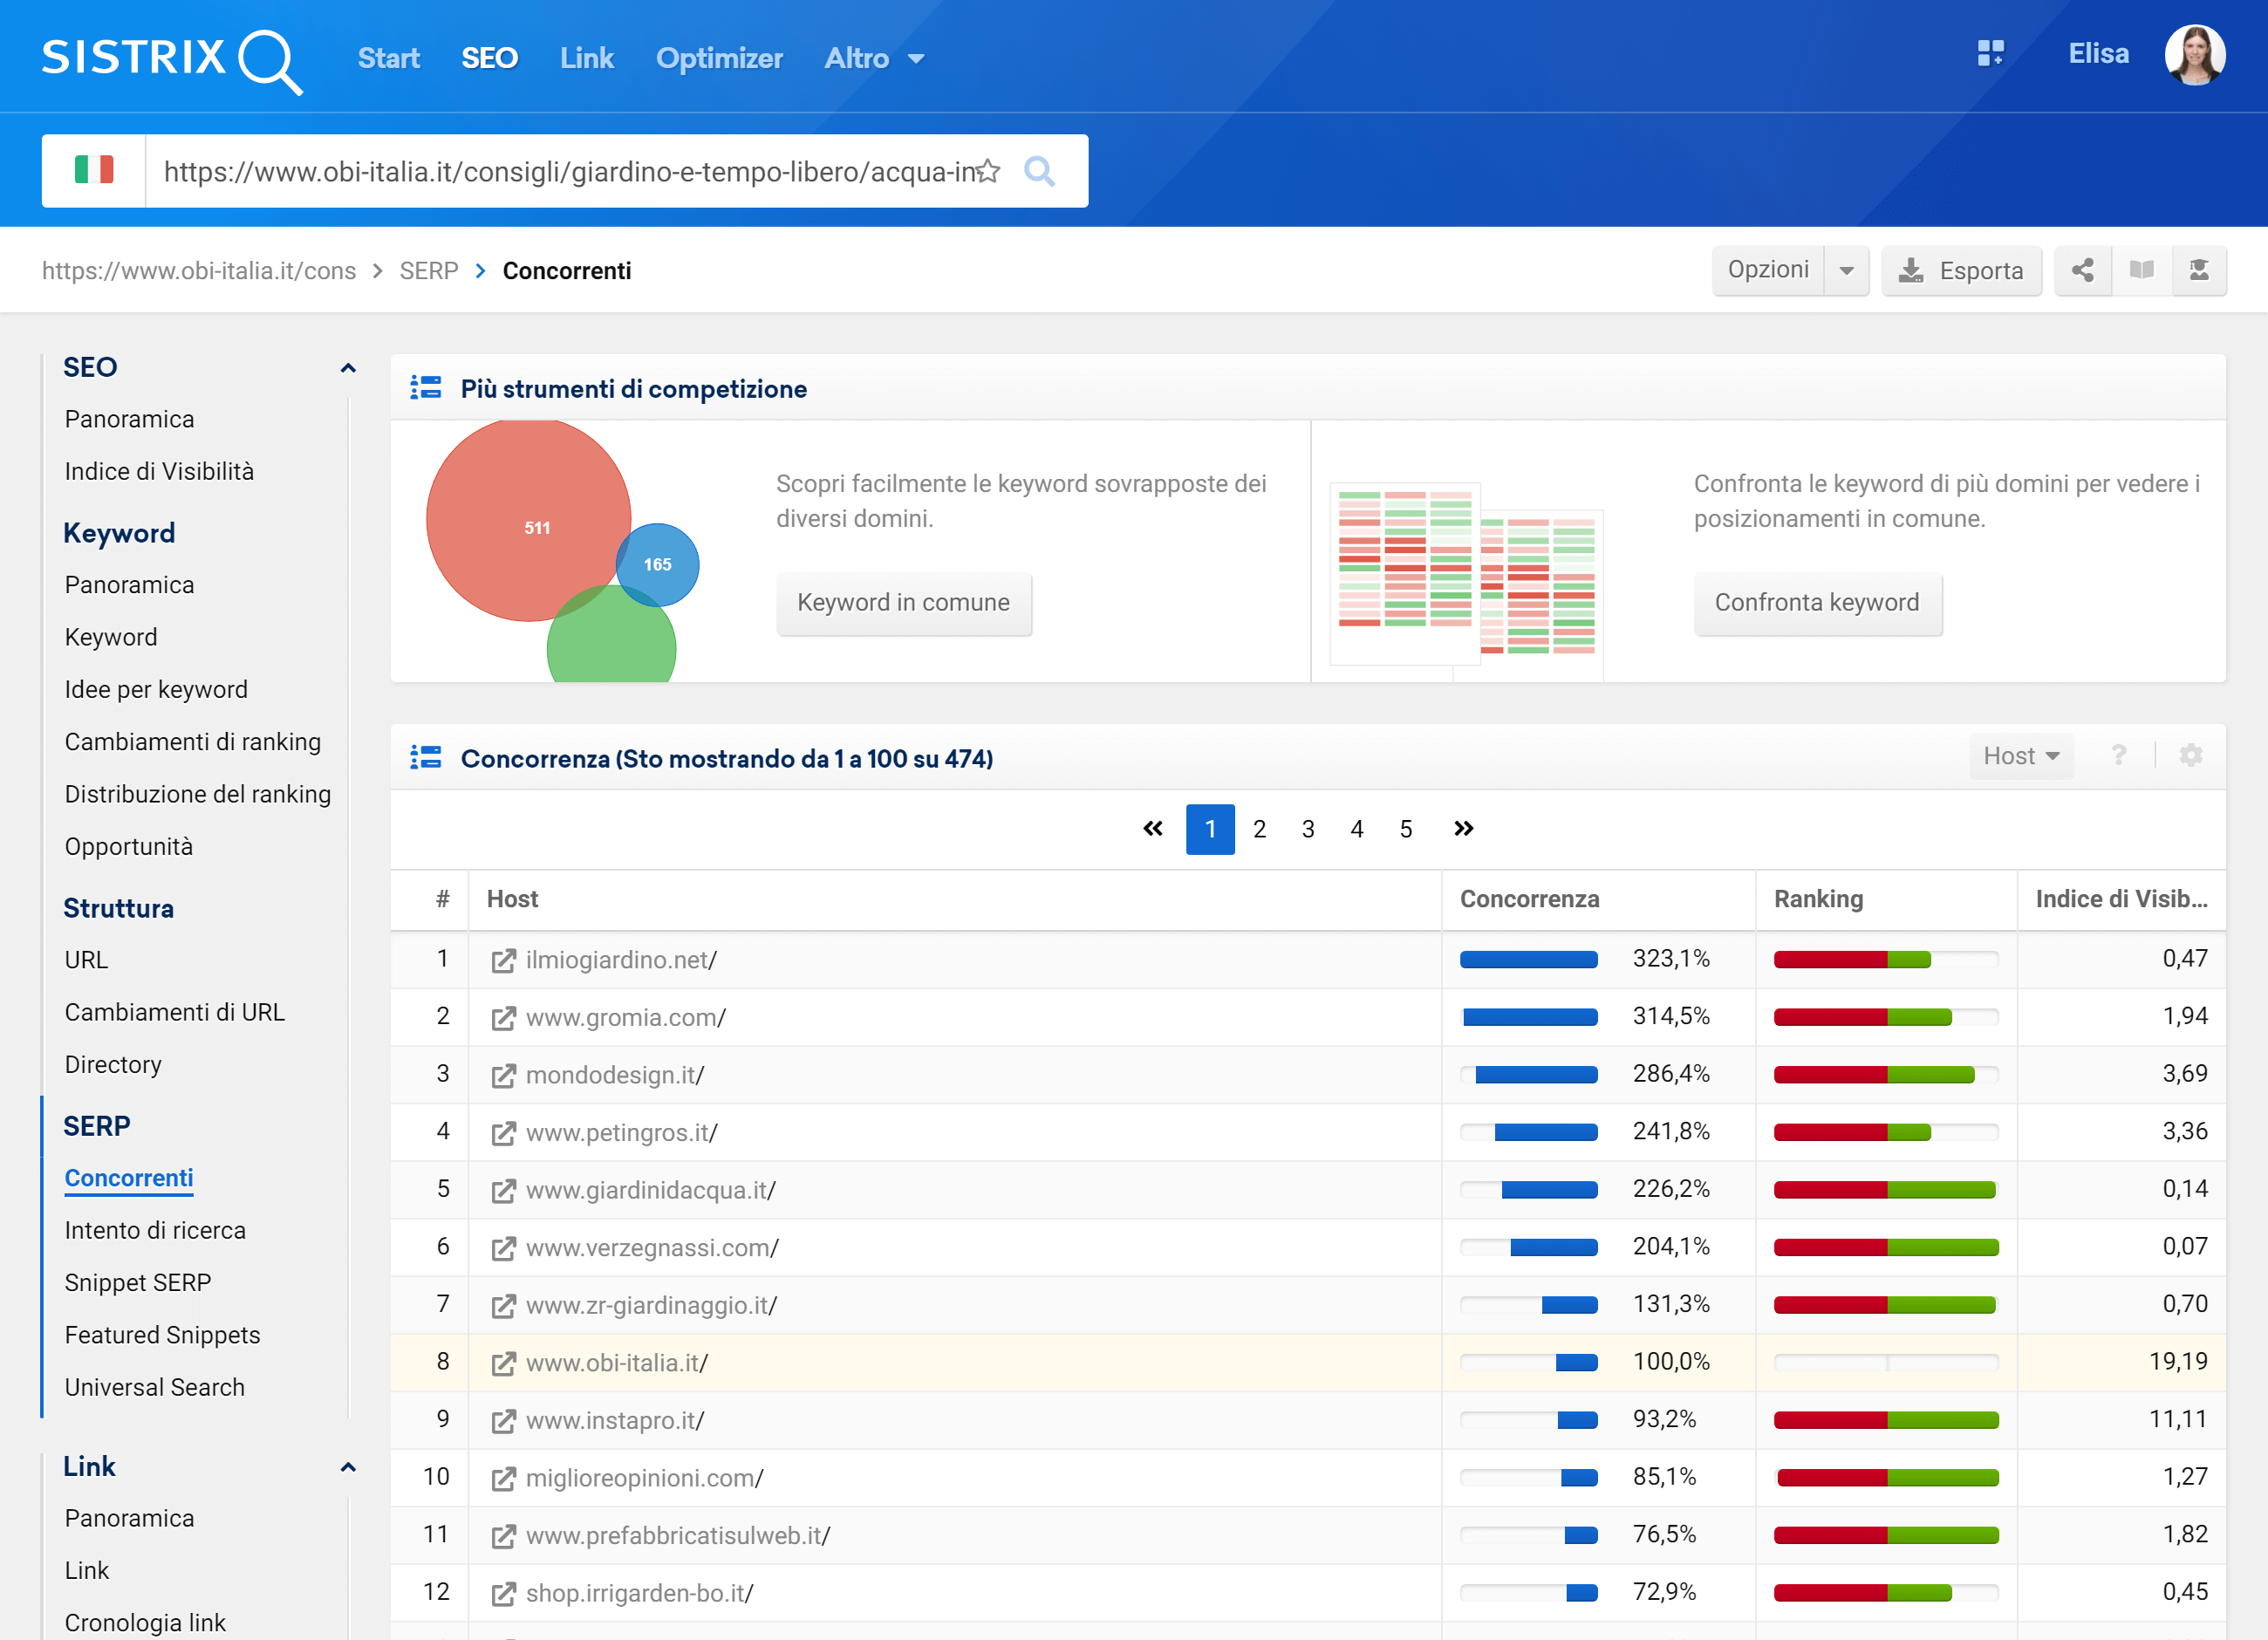 Toolbox SISTRIX: concorrente di un URL di obi-italia.it